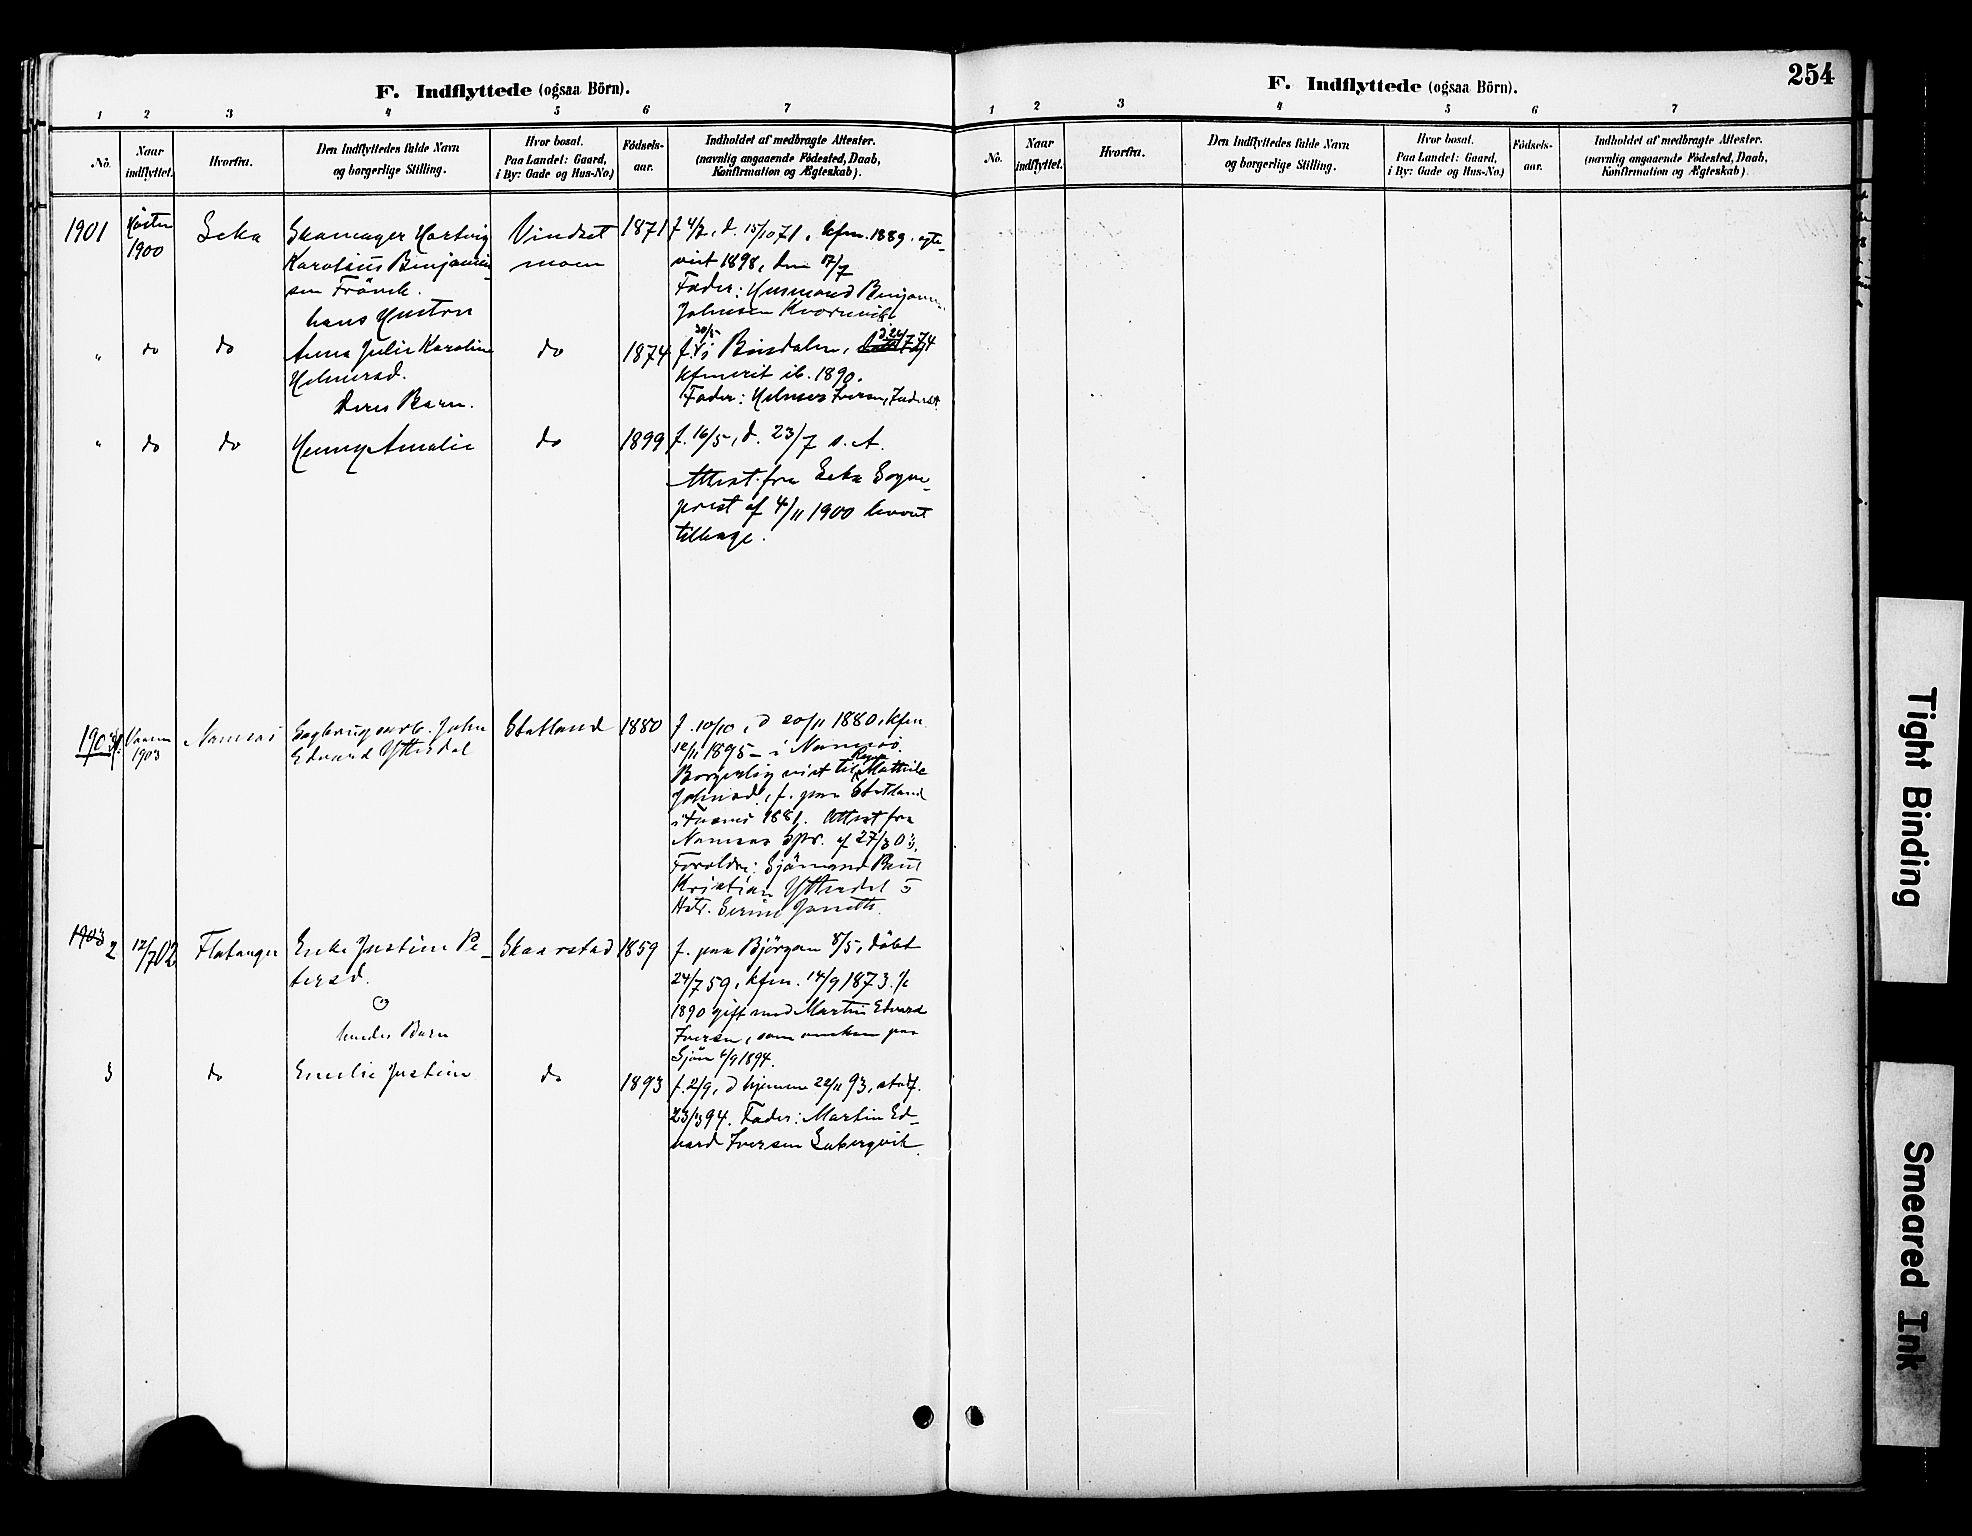 SAT, Ministerialprotokoller, klokkerbøker og fødselsregistre - Nord-Trøndelag, 774/L0628: Ministerialbok nr. 774A02, 1887-1903, s. 254